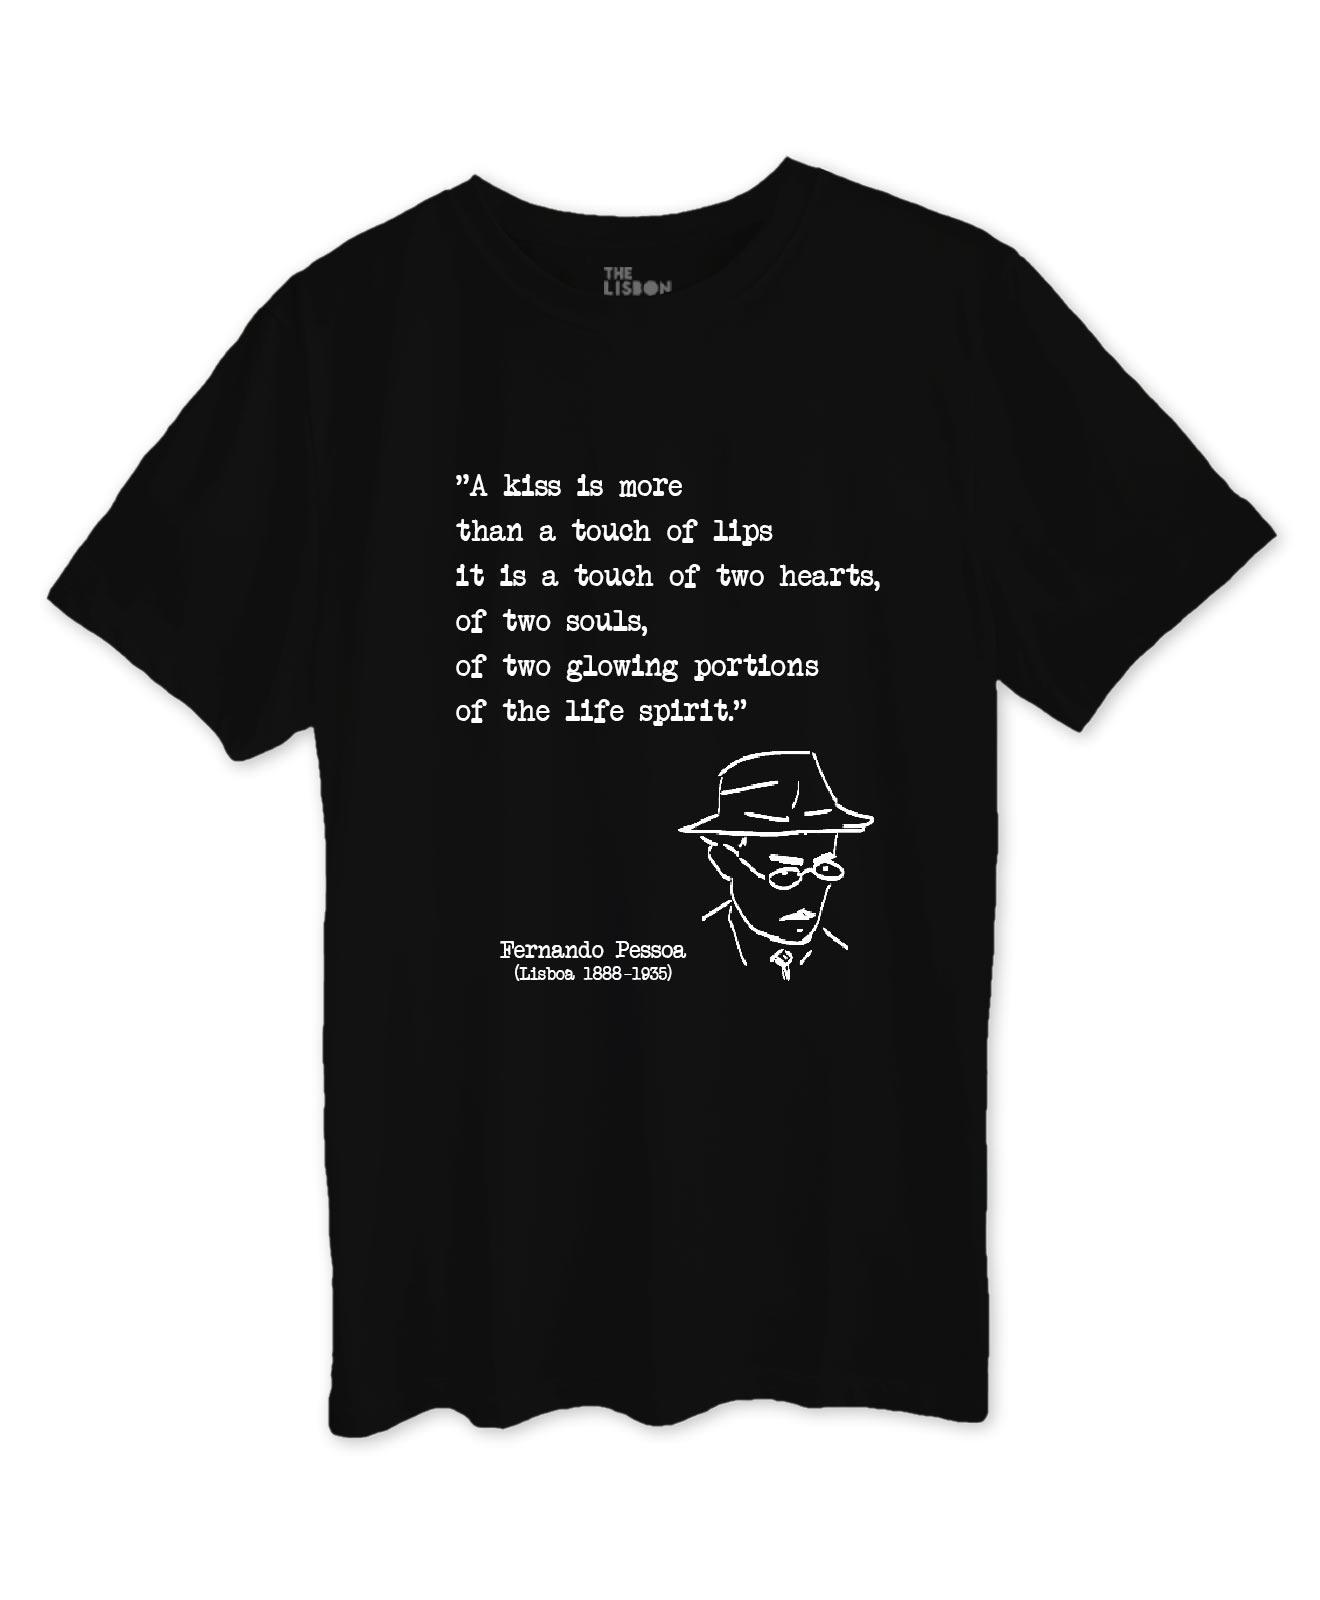 Kiss Poem T-shirt